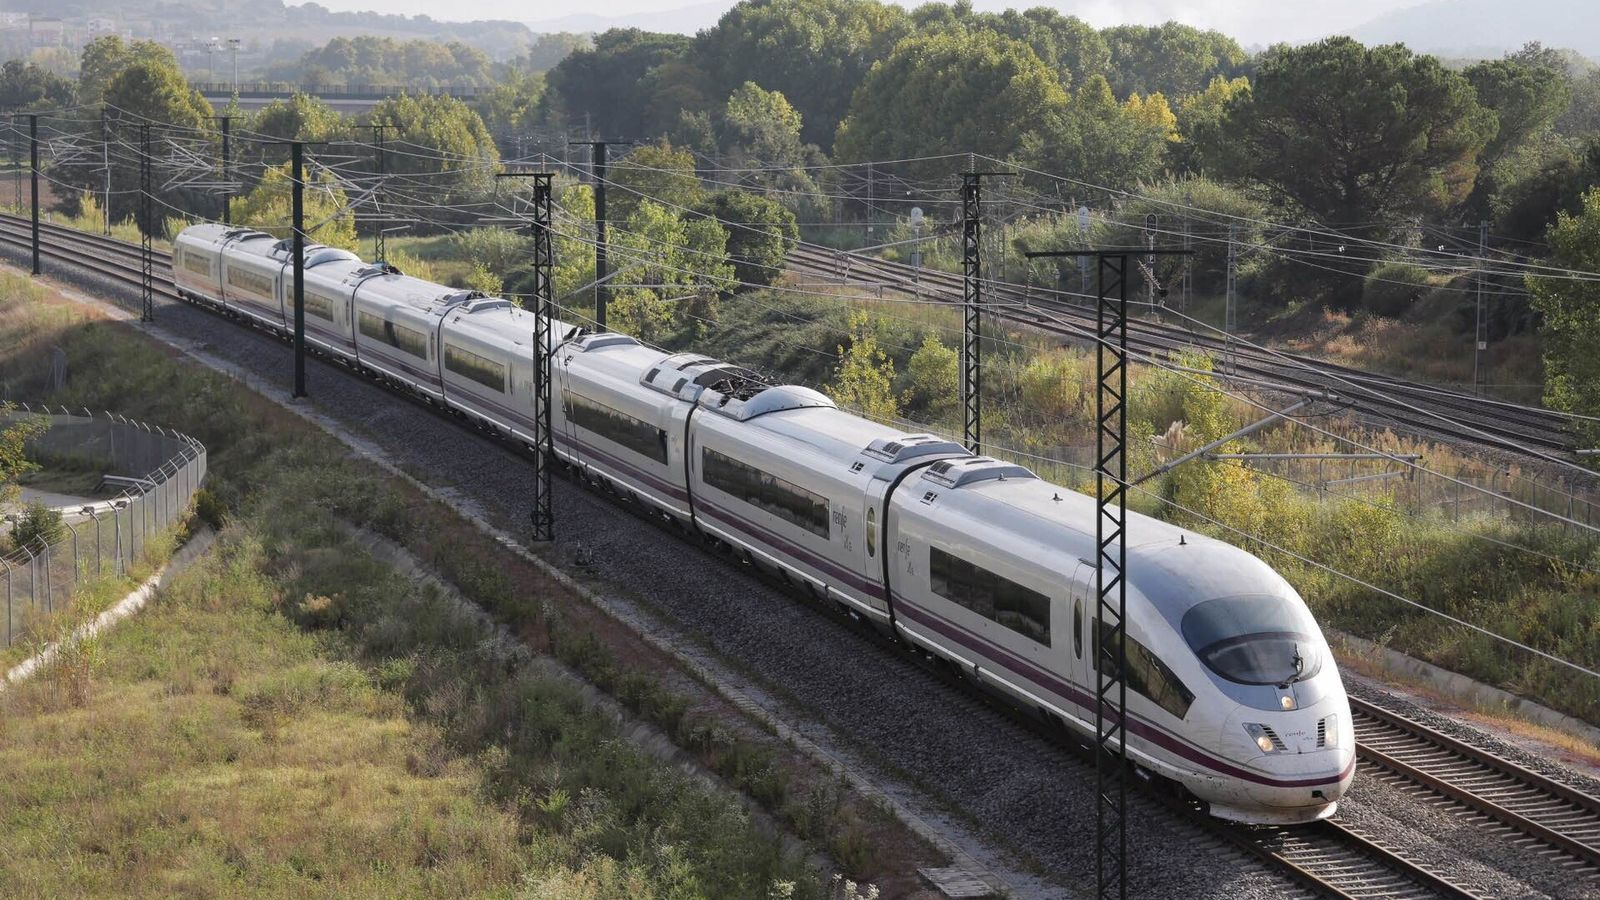 Comboi de l'AVE aturat entre Breda i Hostalric. / DAVID BORRAT